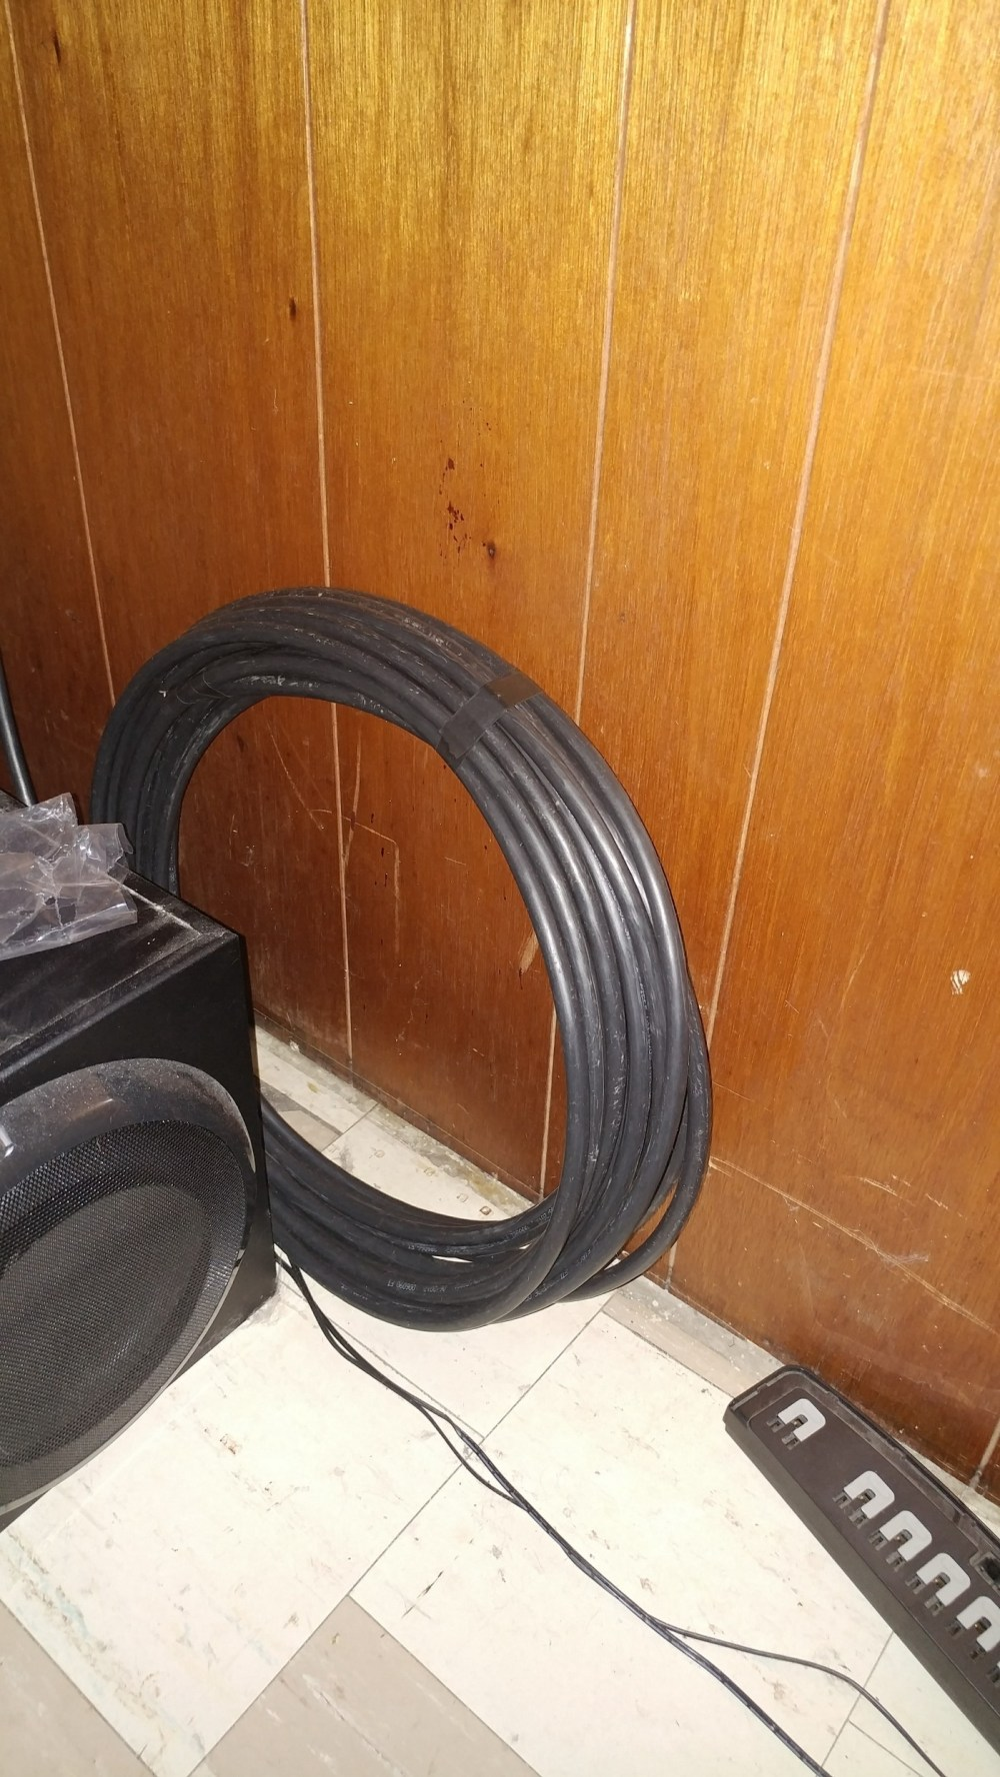 medium resolution of fiber on the floor